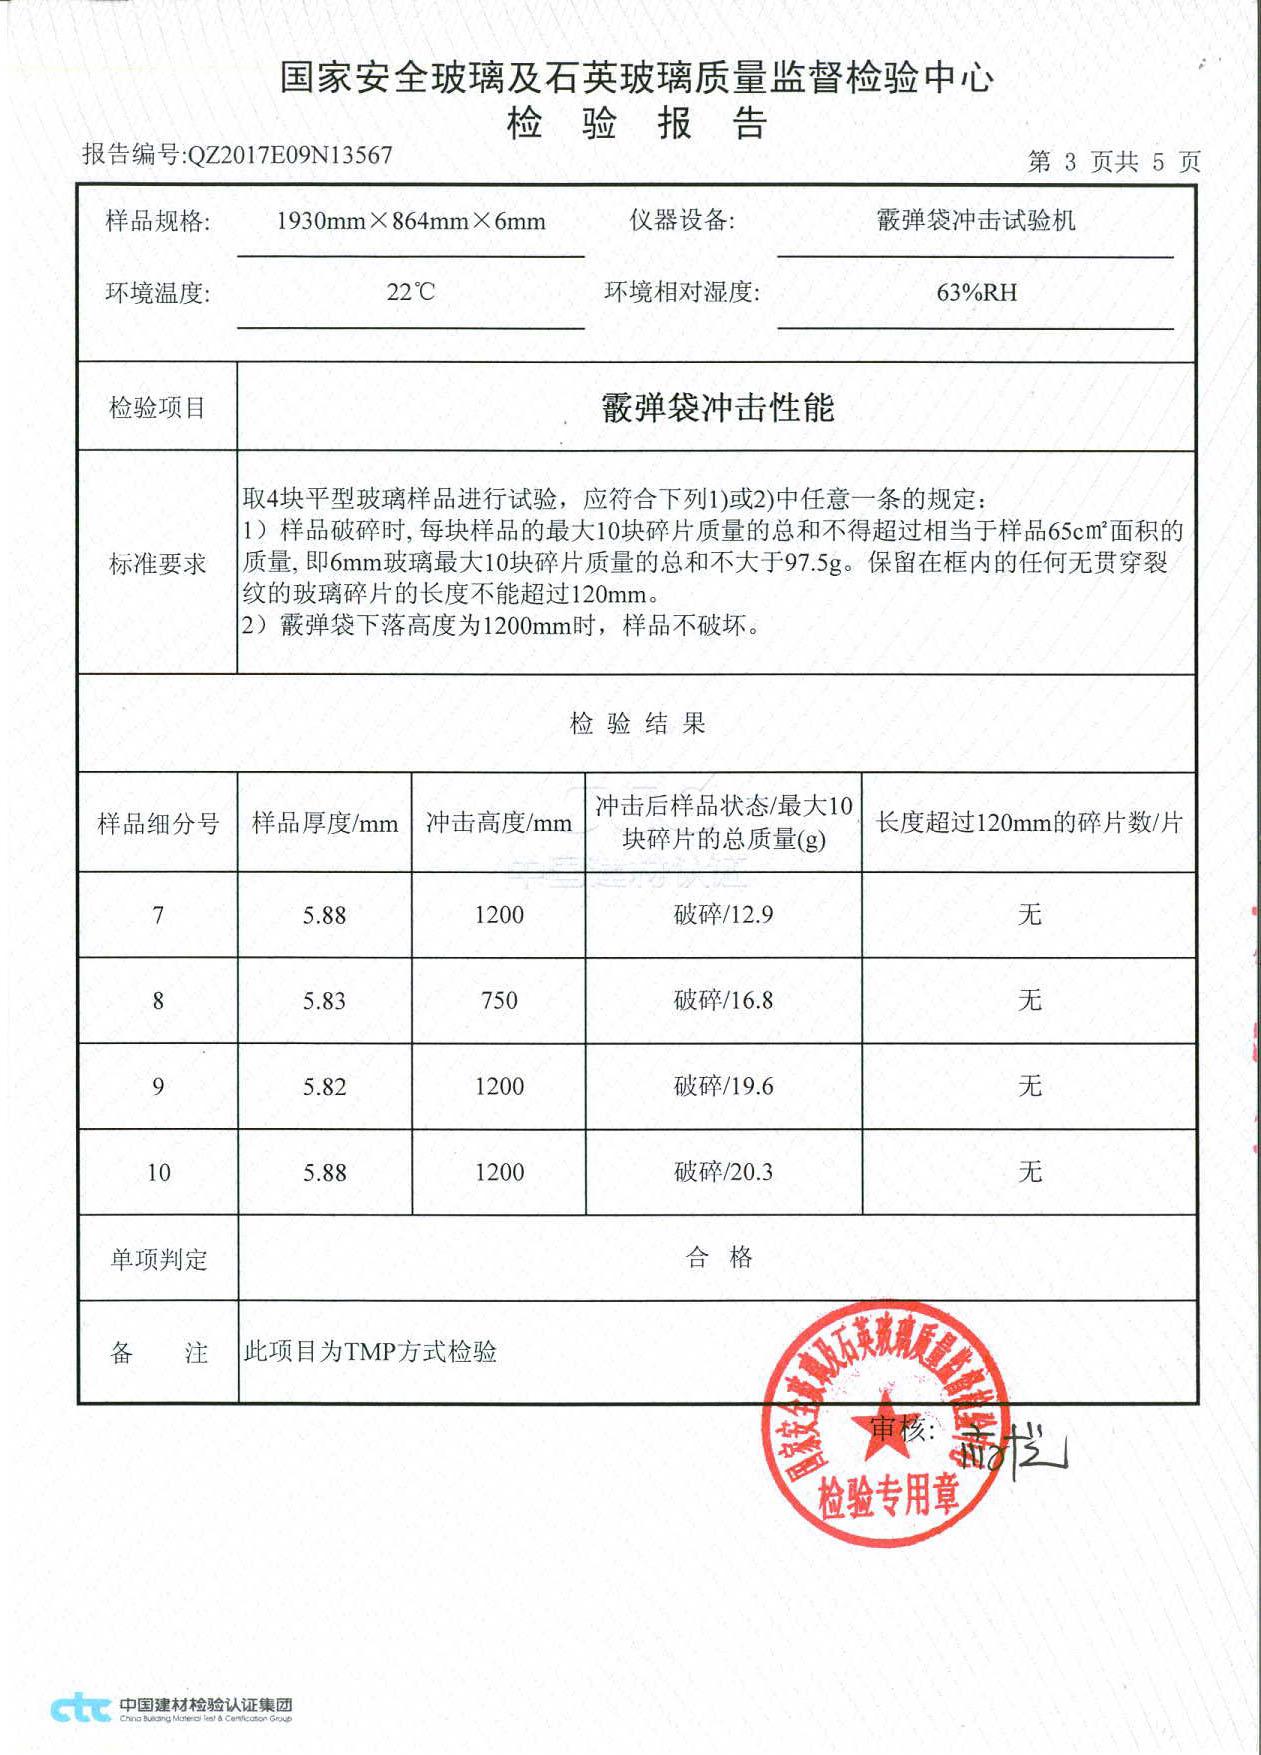 建筑钢化玻璃认证证书